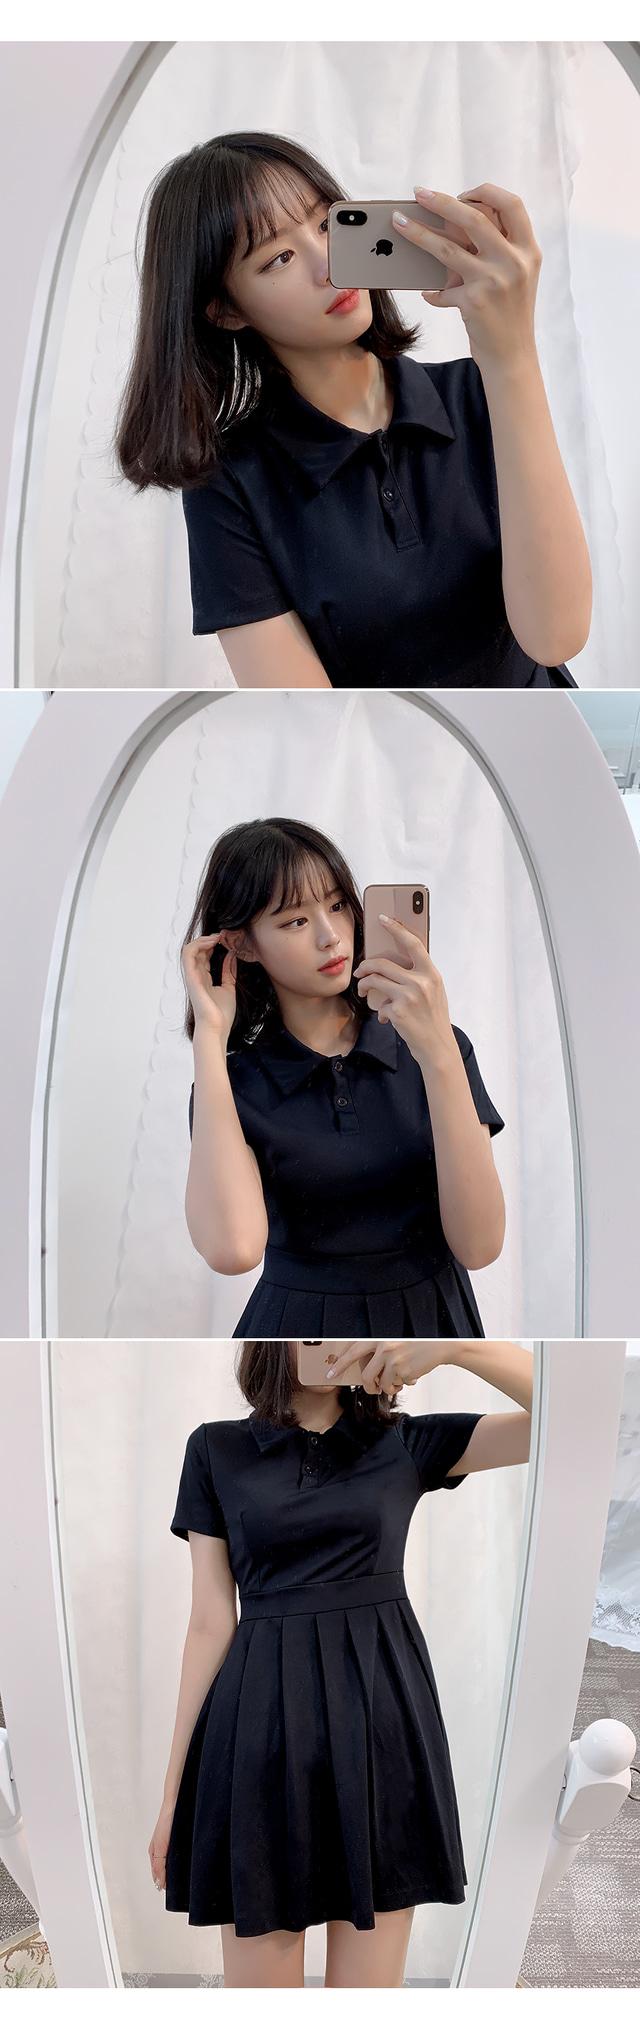 Order runaway ♥ Kara tennis mini ops